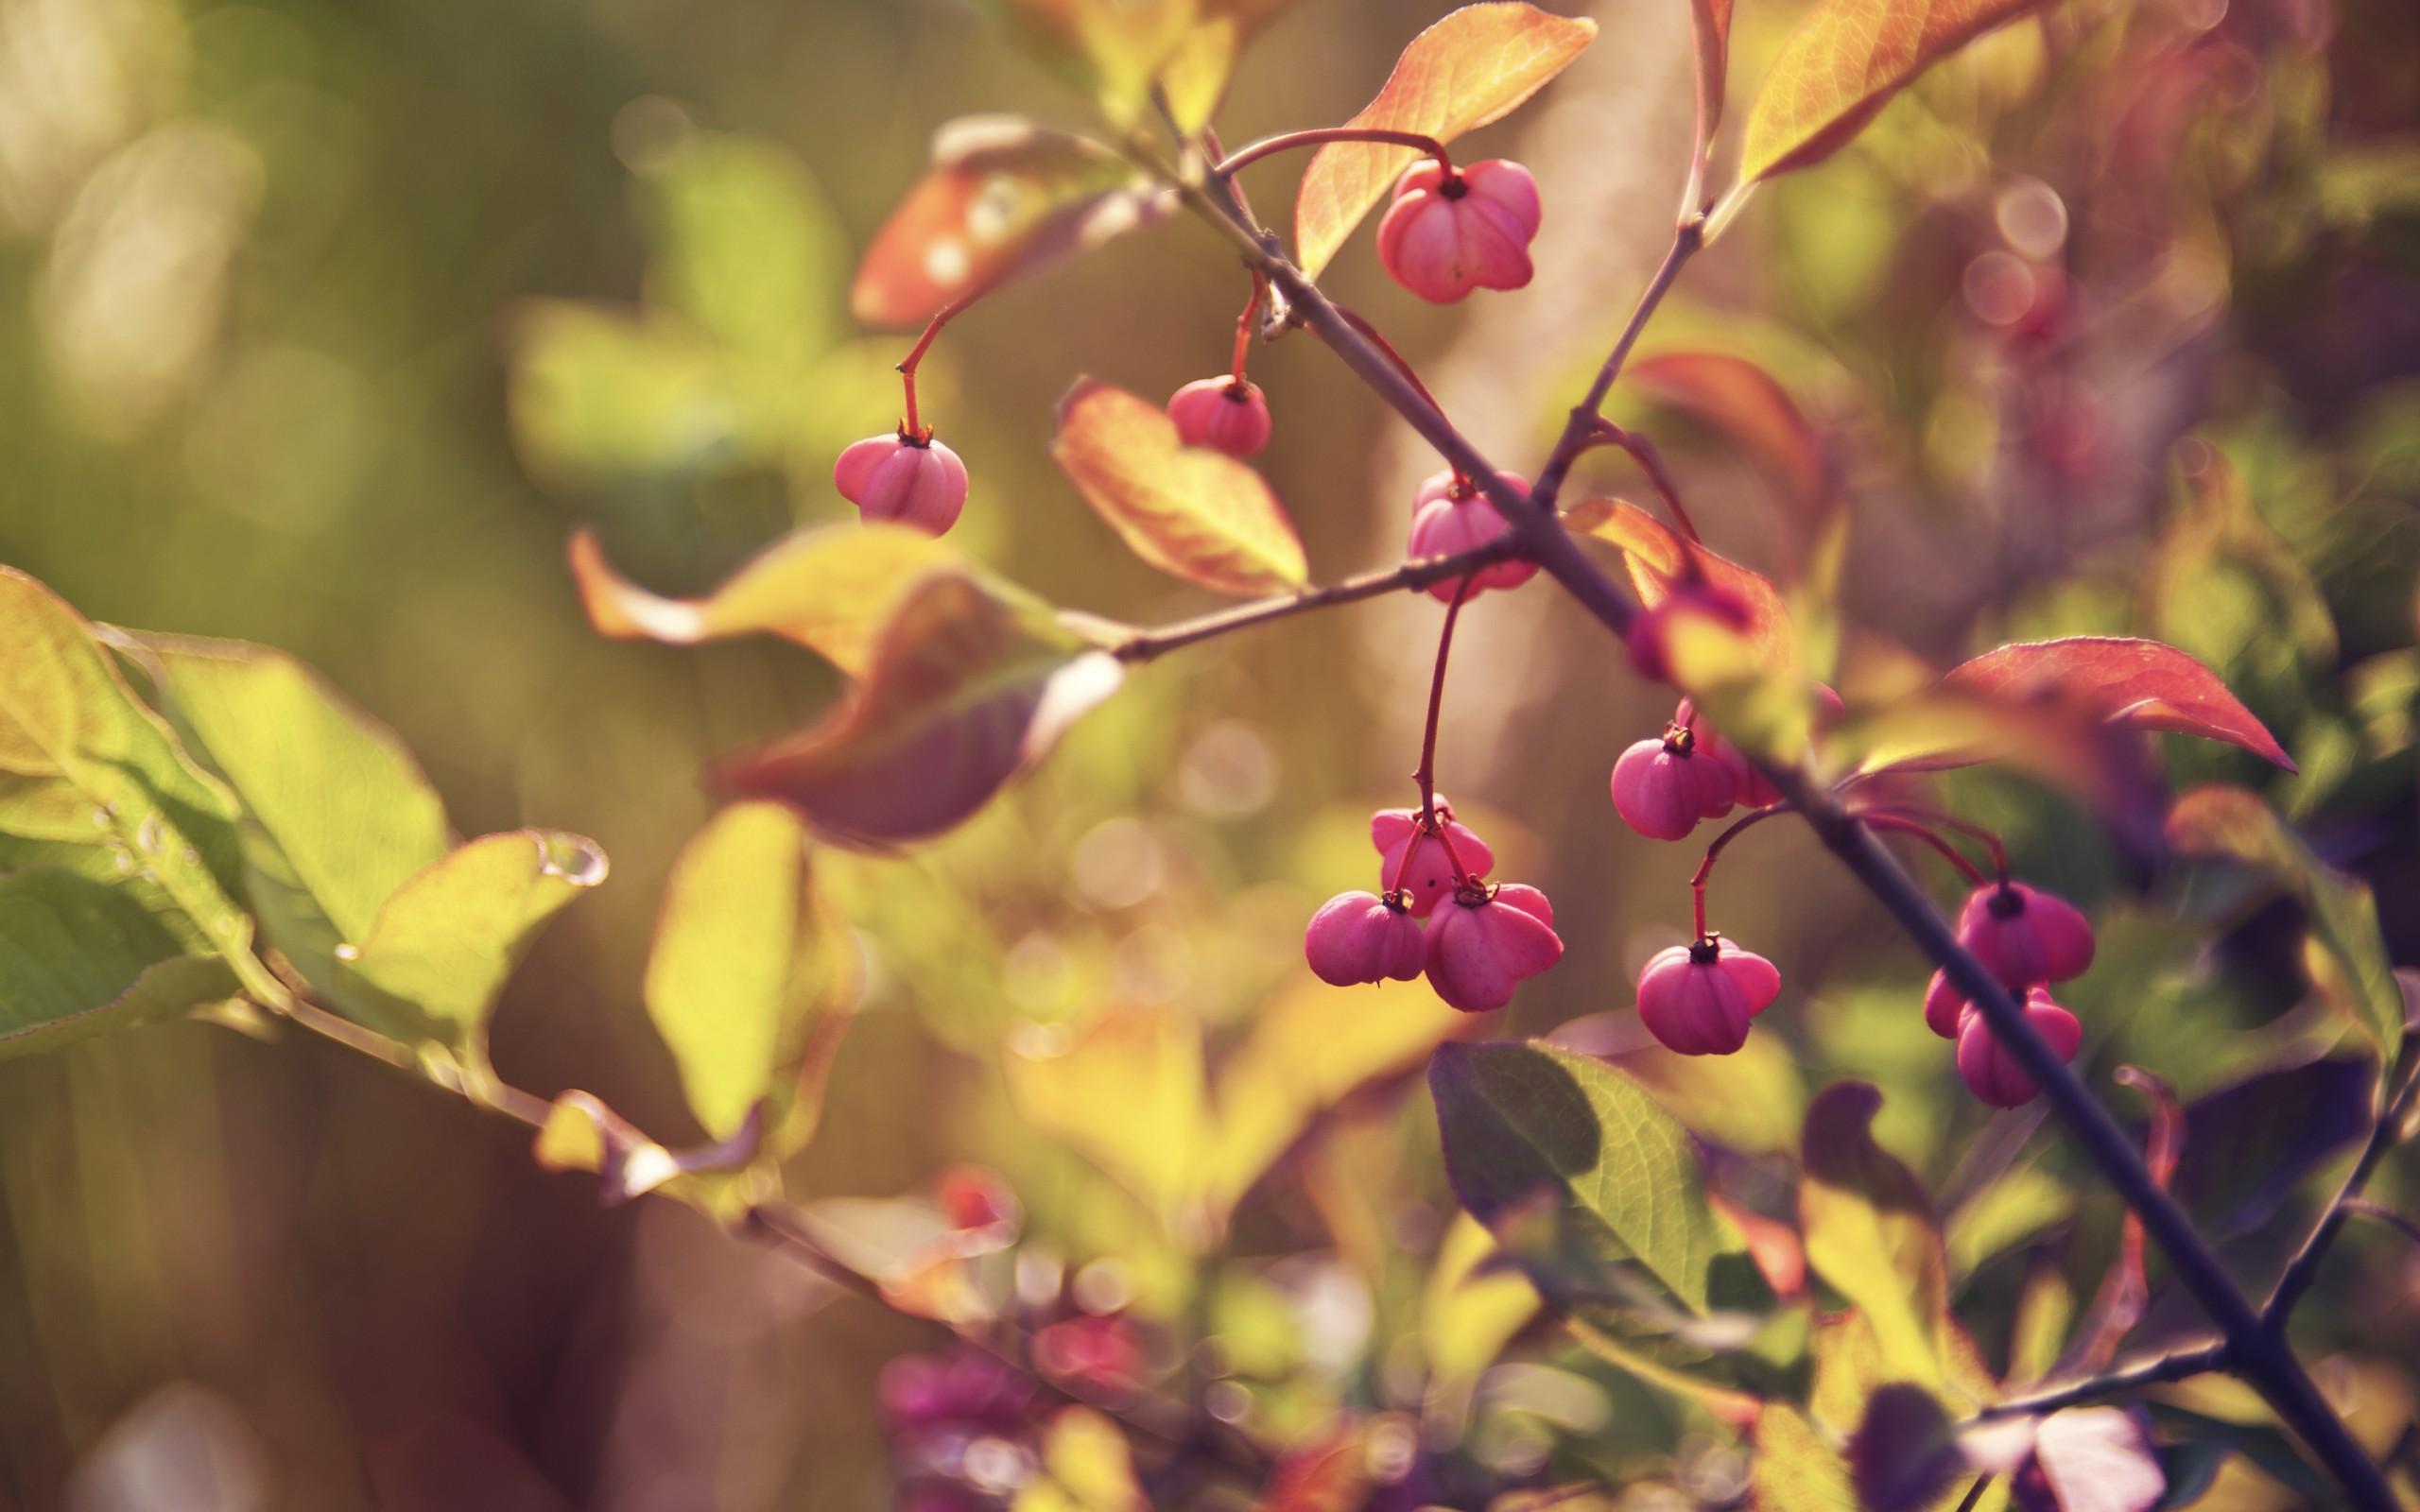 девушка осенние листь ягоды бесплатно